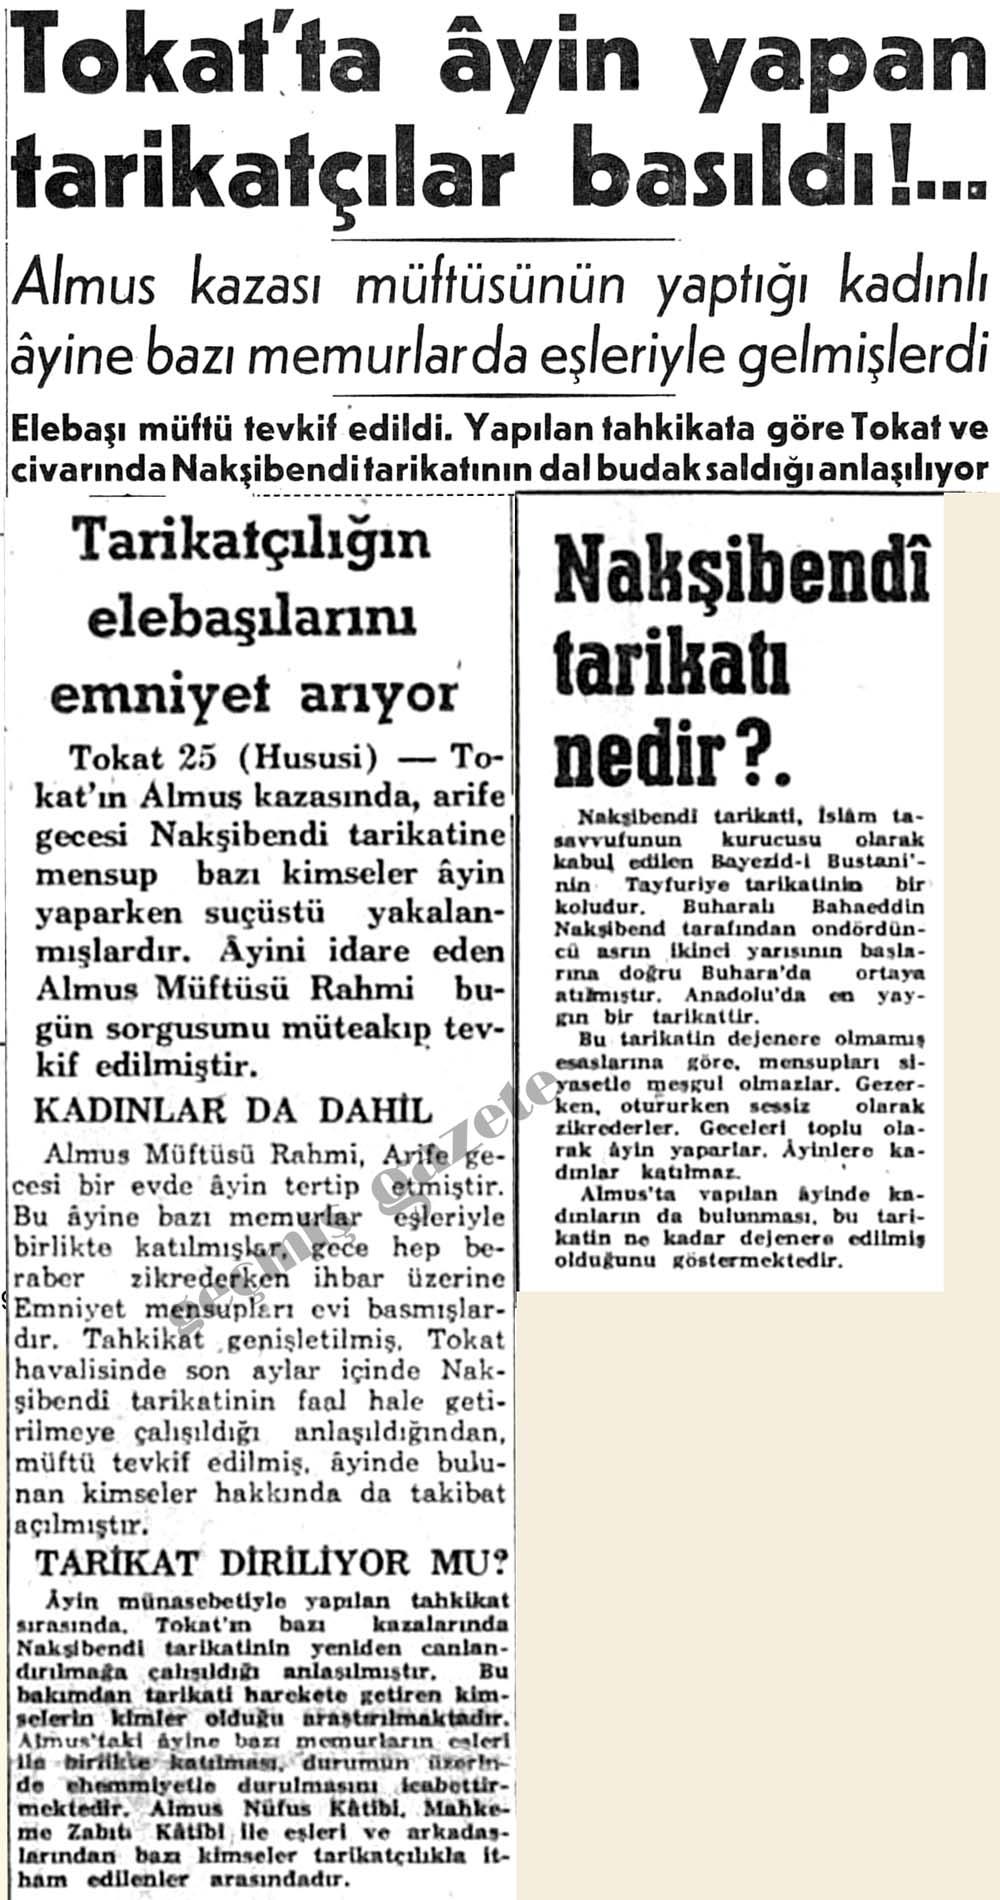 Tokat'ta ayin yapan tarikatçılar basıldı!...